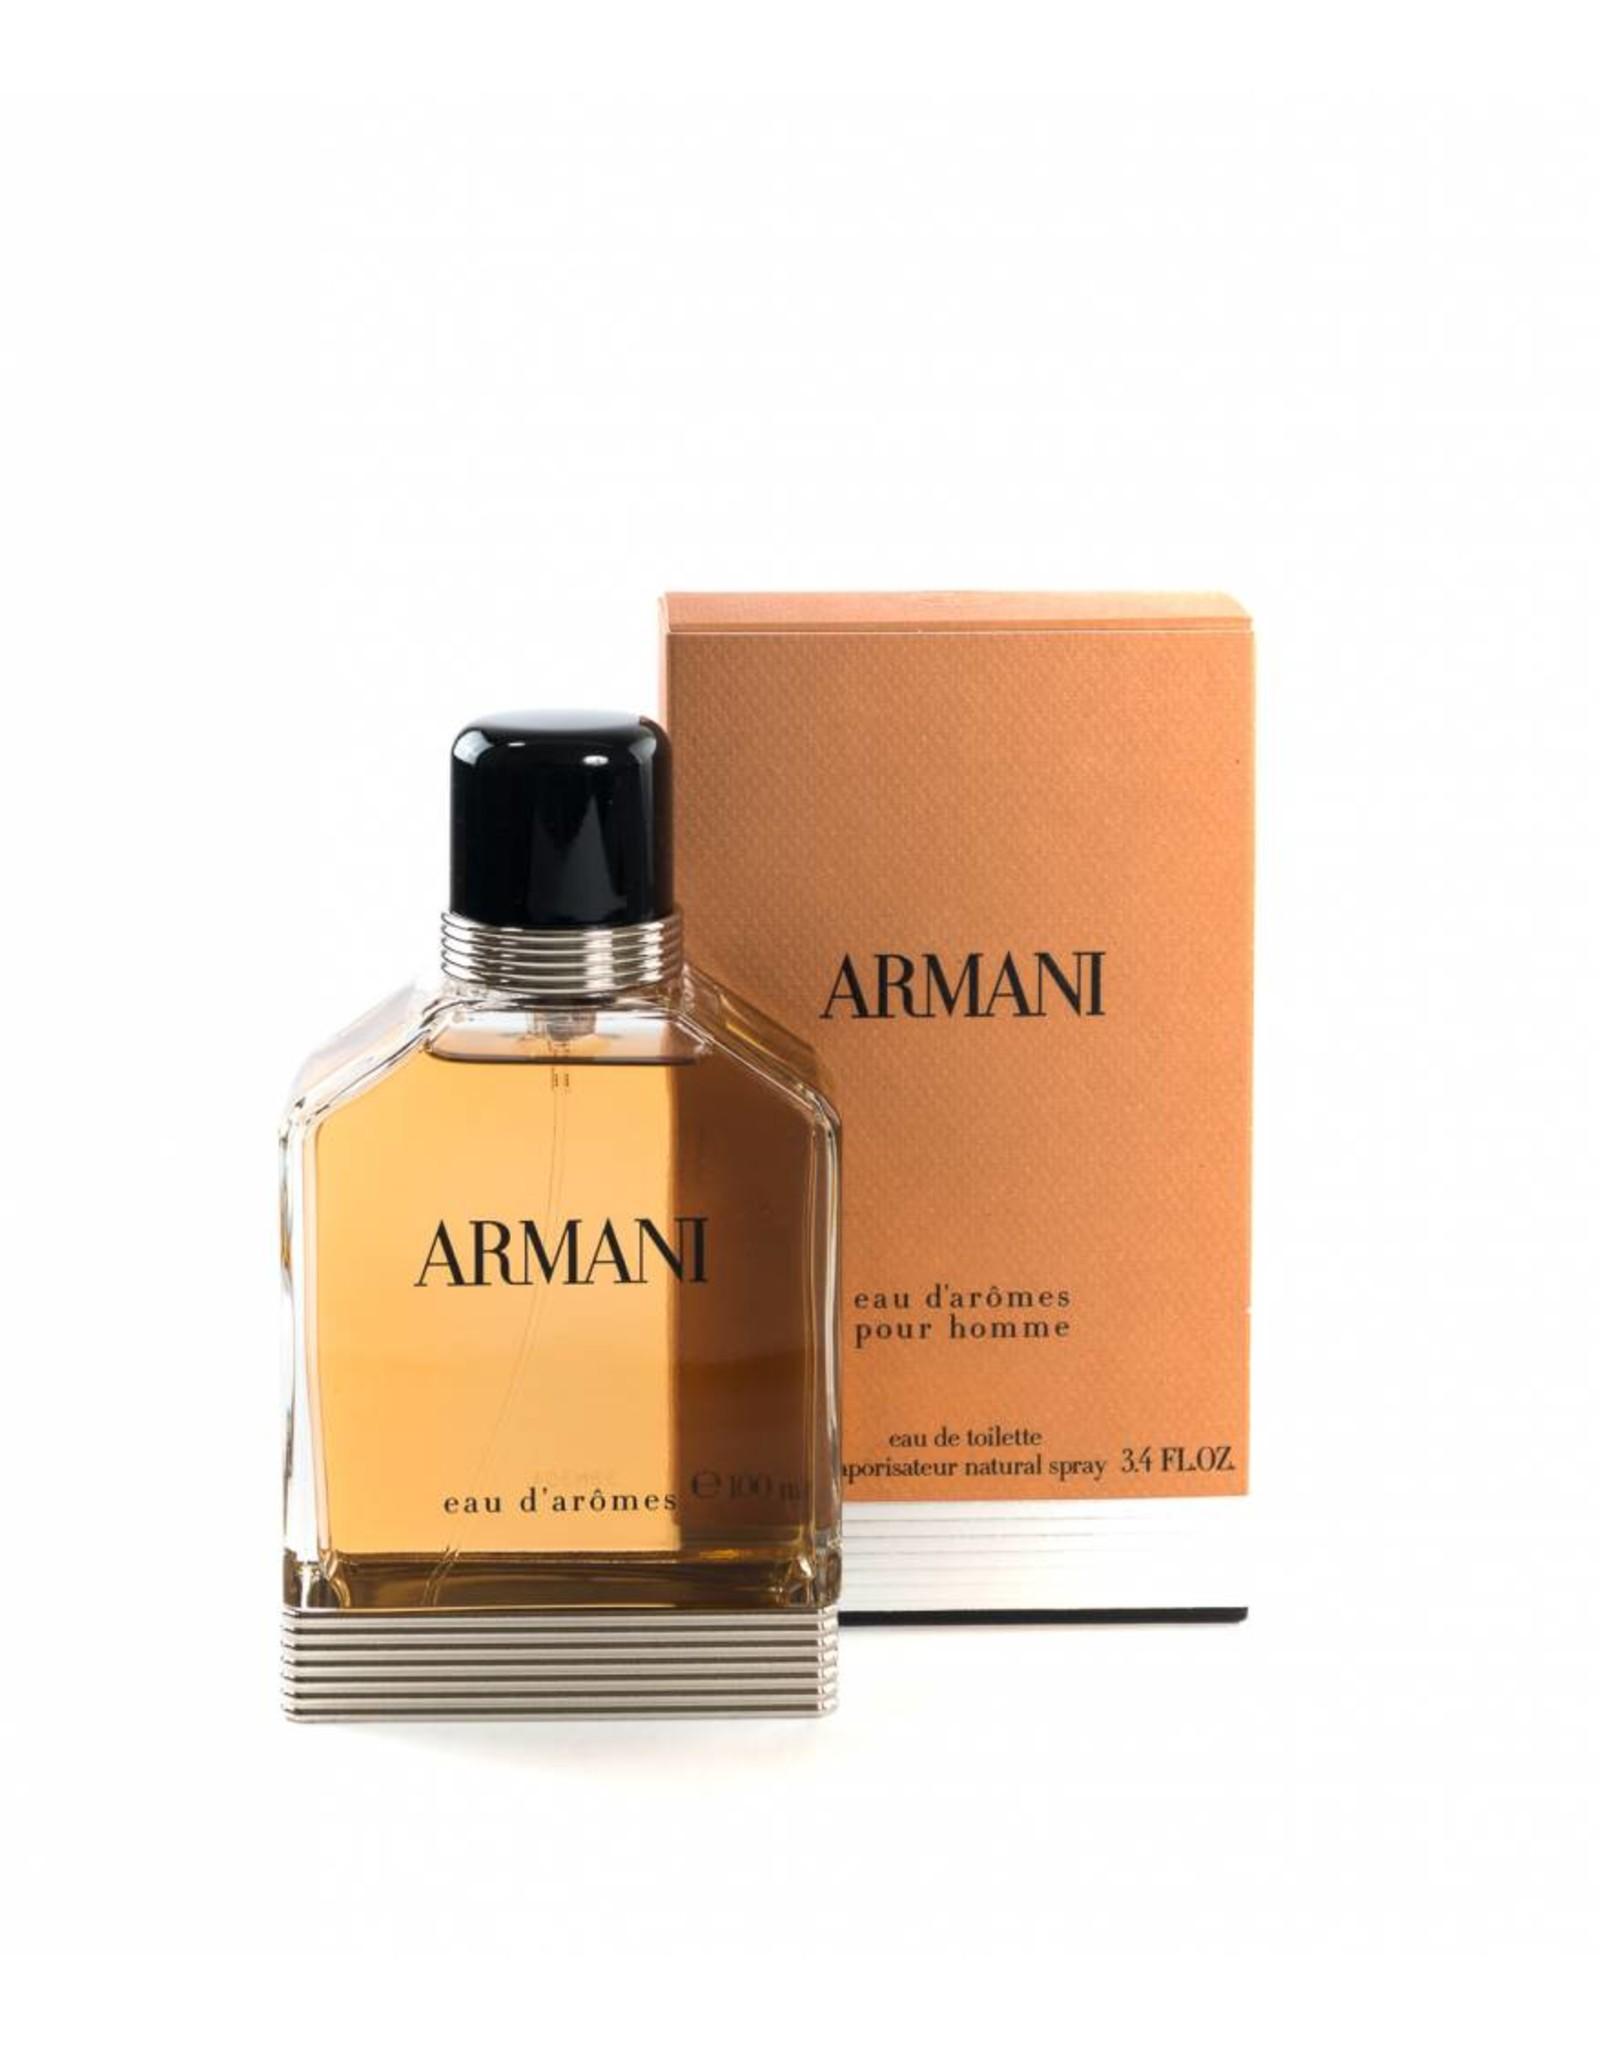 ARMANI GIORGIO ARMANI ARMANI EAU D'AROMES